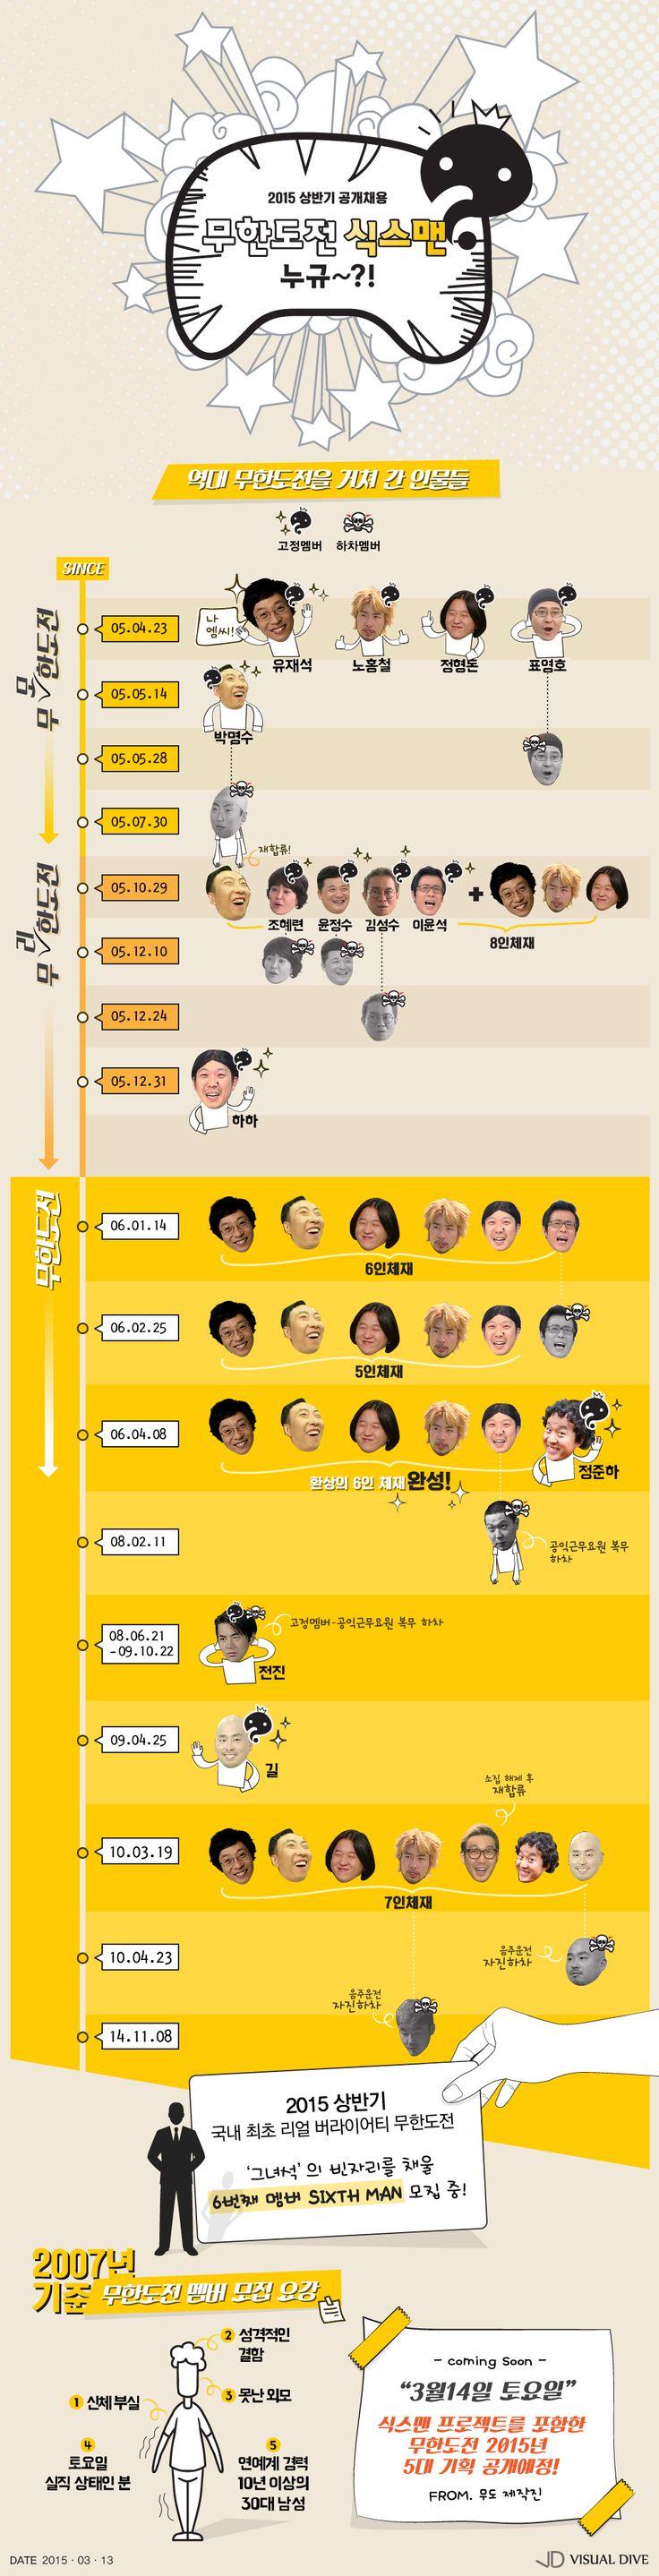 '무한도전' 제6의 멤버, '식스맨'은 누구?…역대 고정멤버 총정리 [인포그래픽] #Muhandojeon /  #Infographic ⓒ 비주얼다이브 무단 복사·전재·재배포 금지